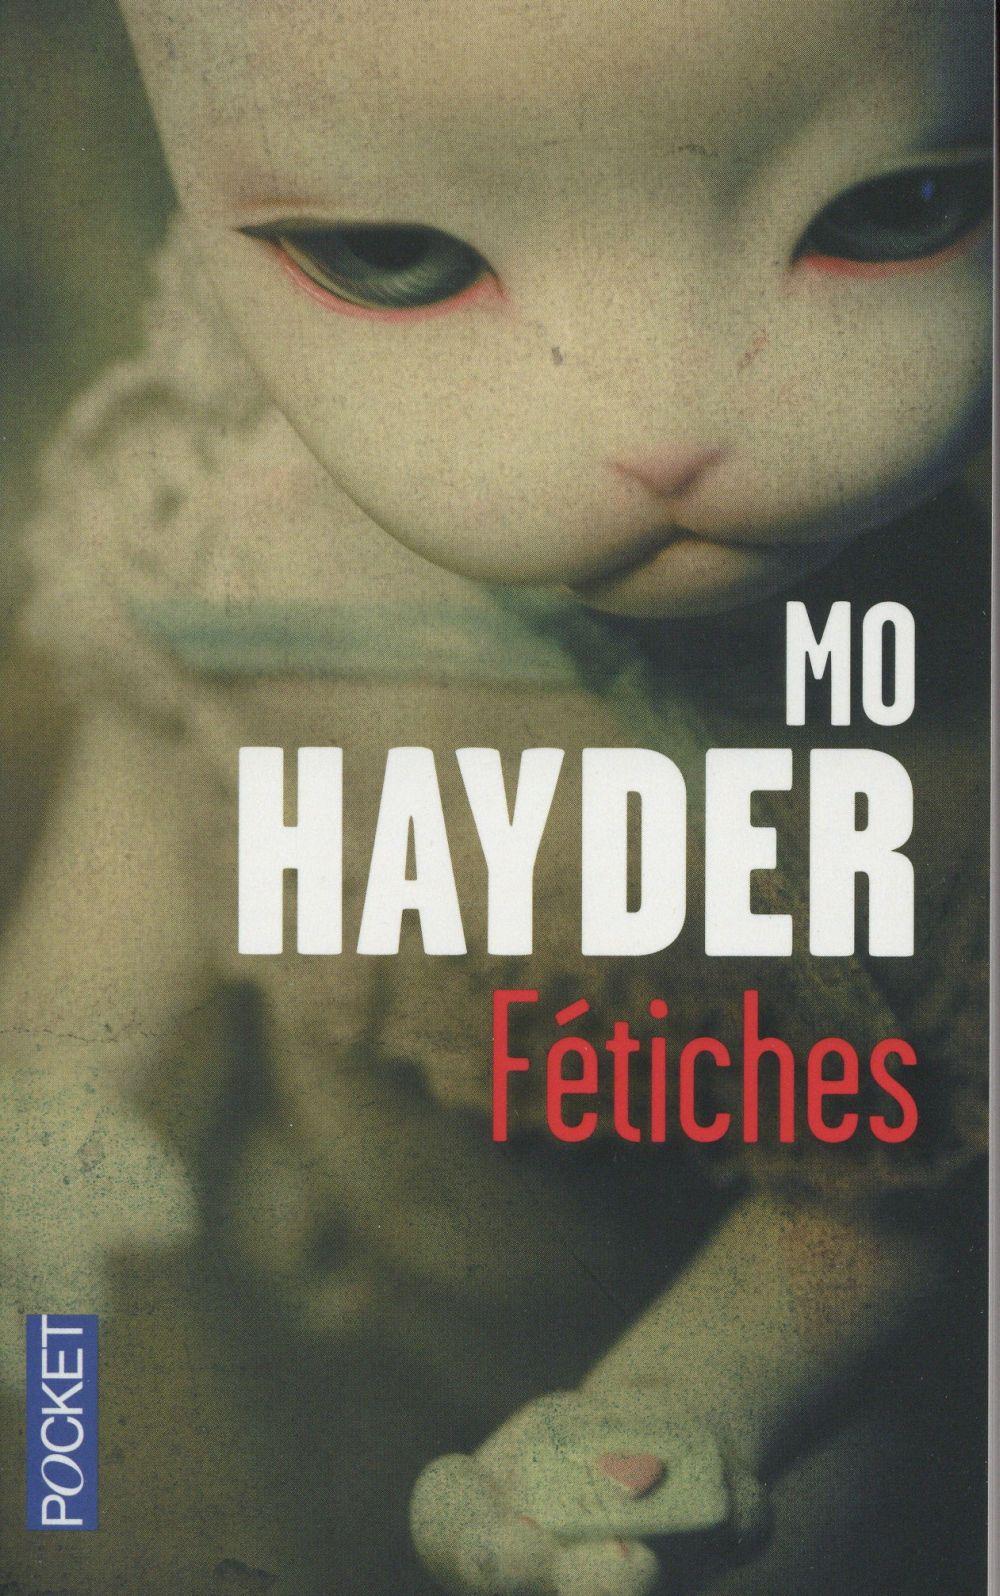 FETICHES Hayder Mo Pocket